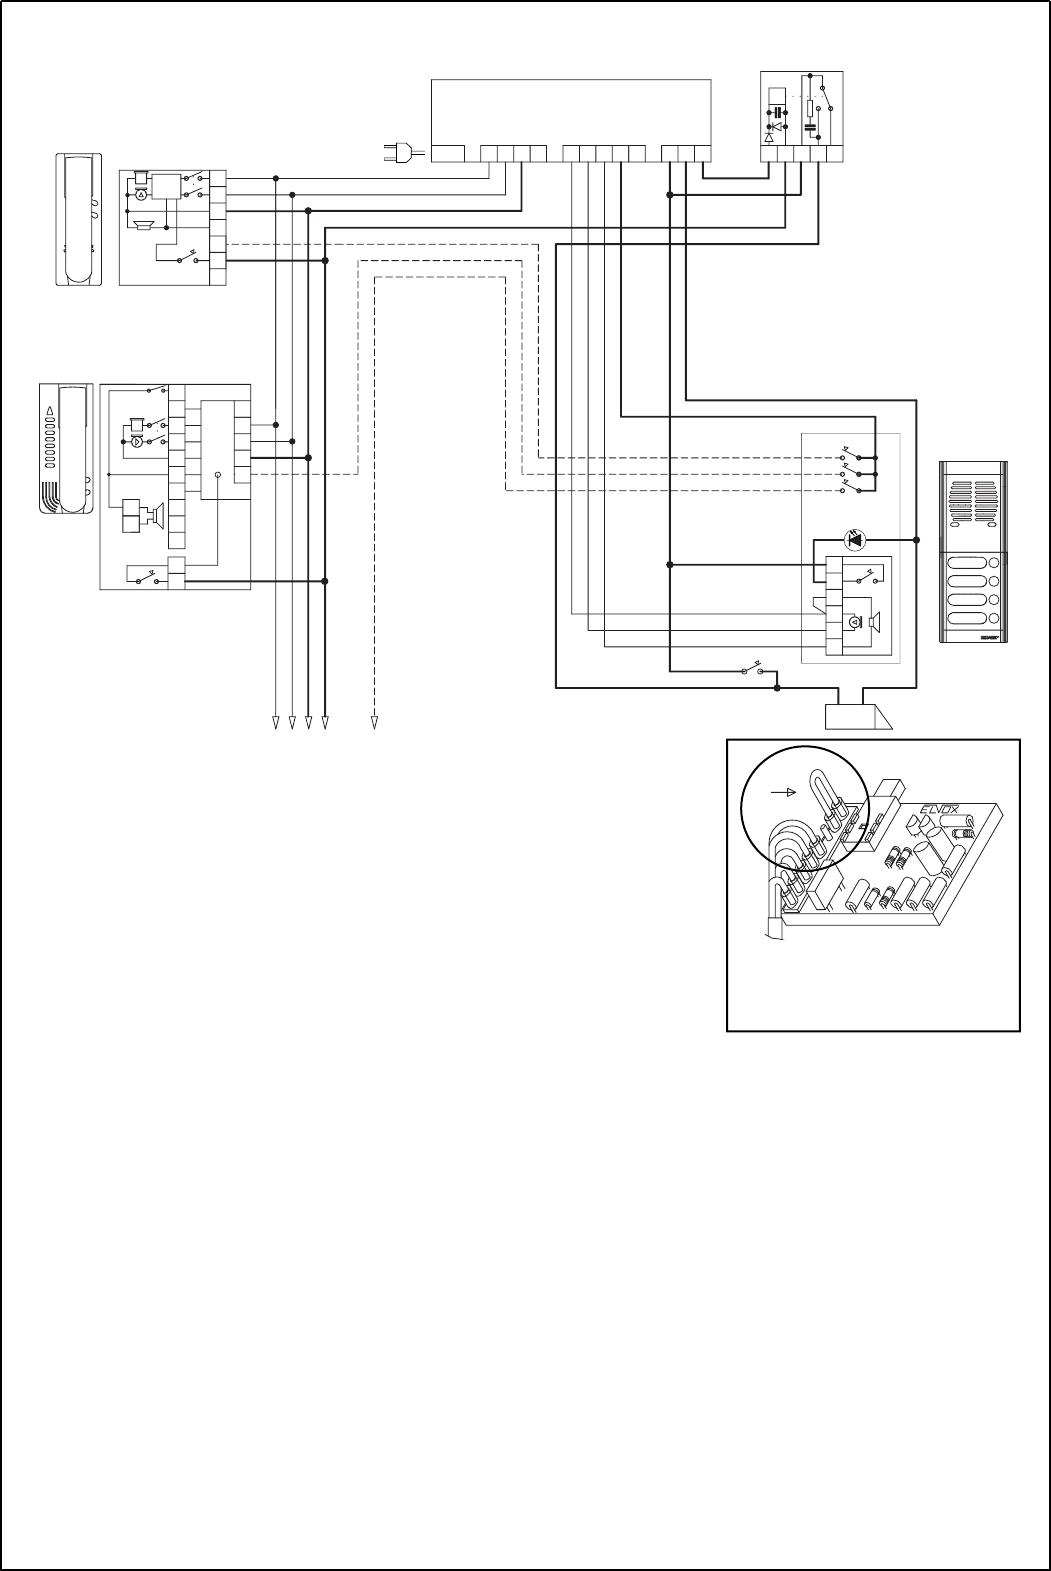 931 Wiring Diagram